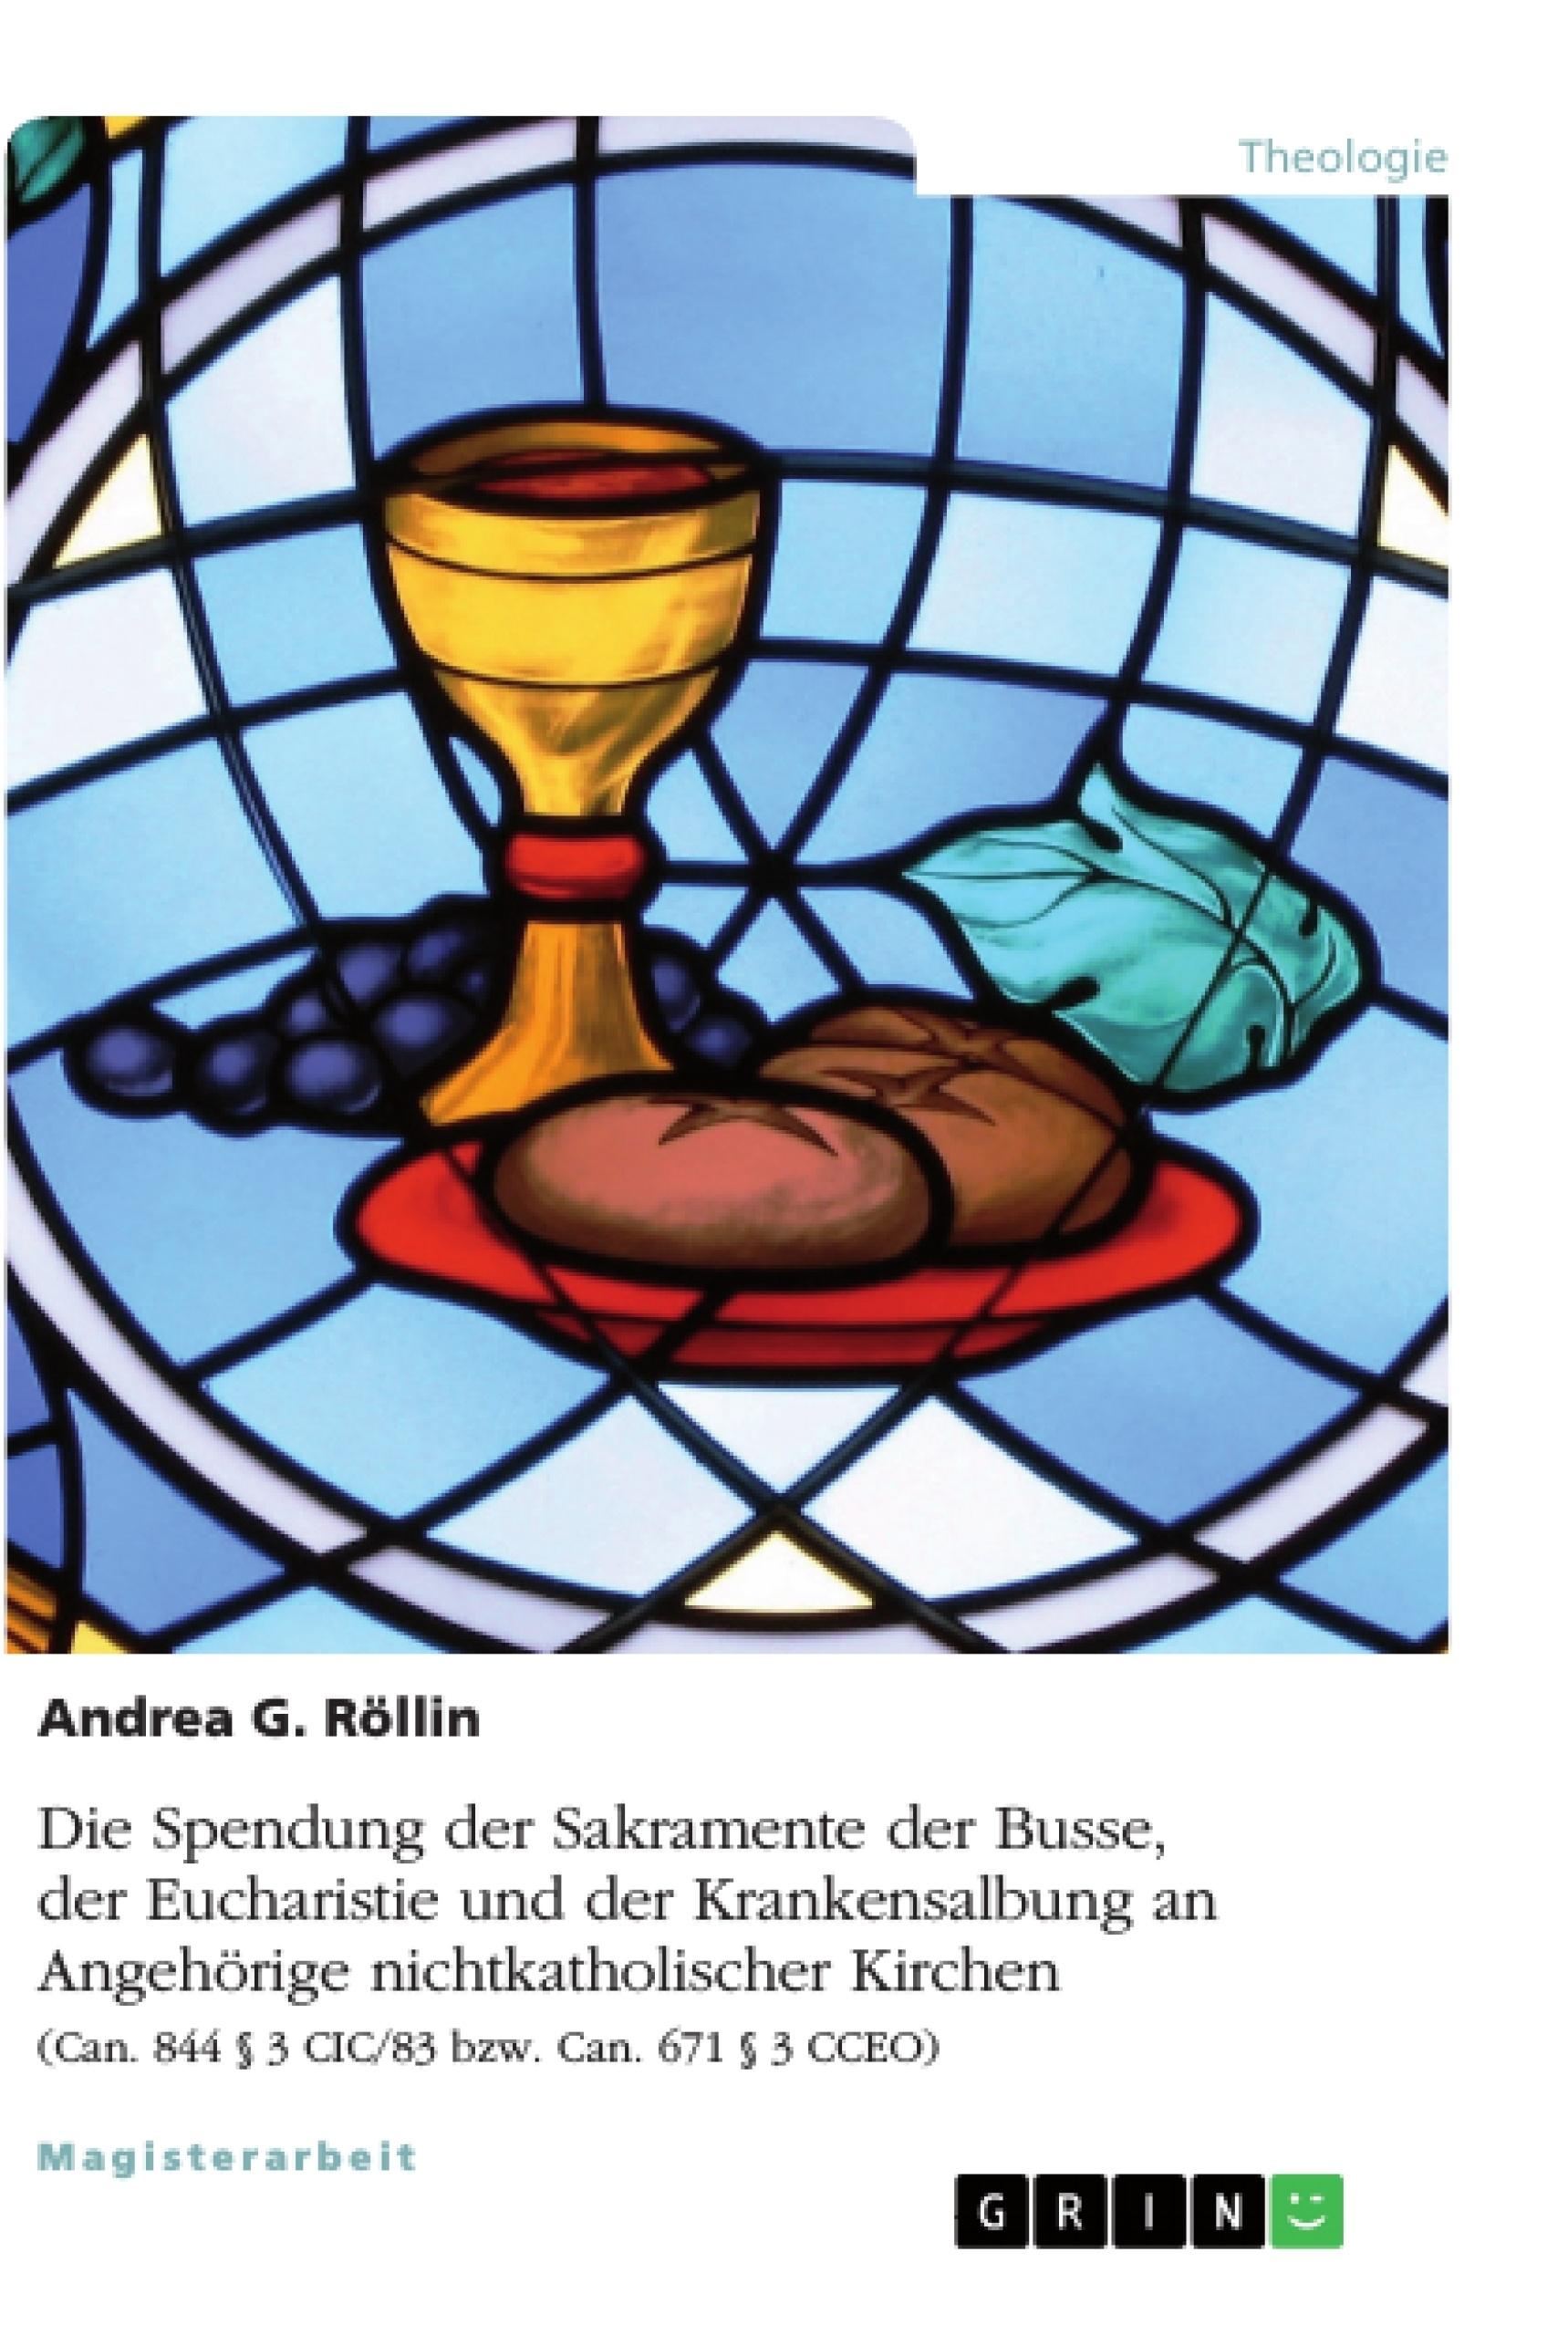 Titel: Die Spendung der Sakramente der Busse, der Eucharistie und der Krankensalbung an Angehörige nichtkatholischer Kirchen